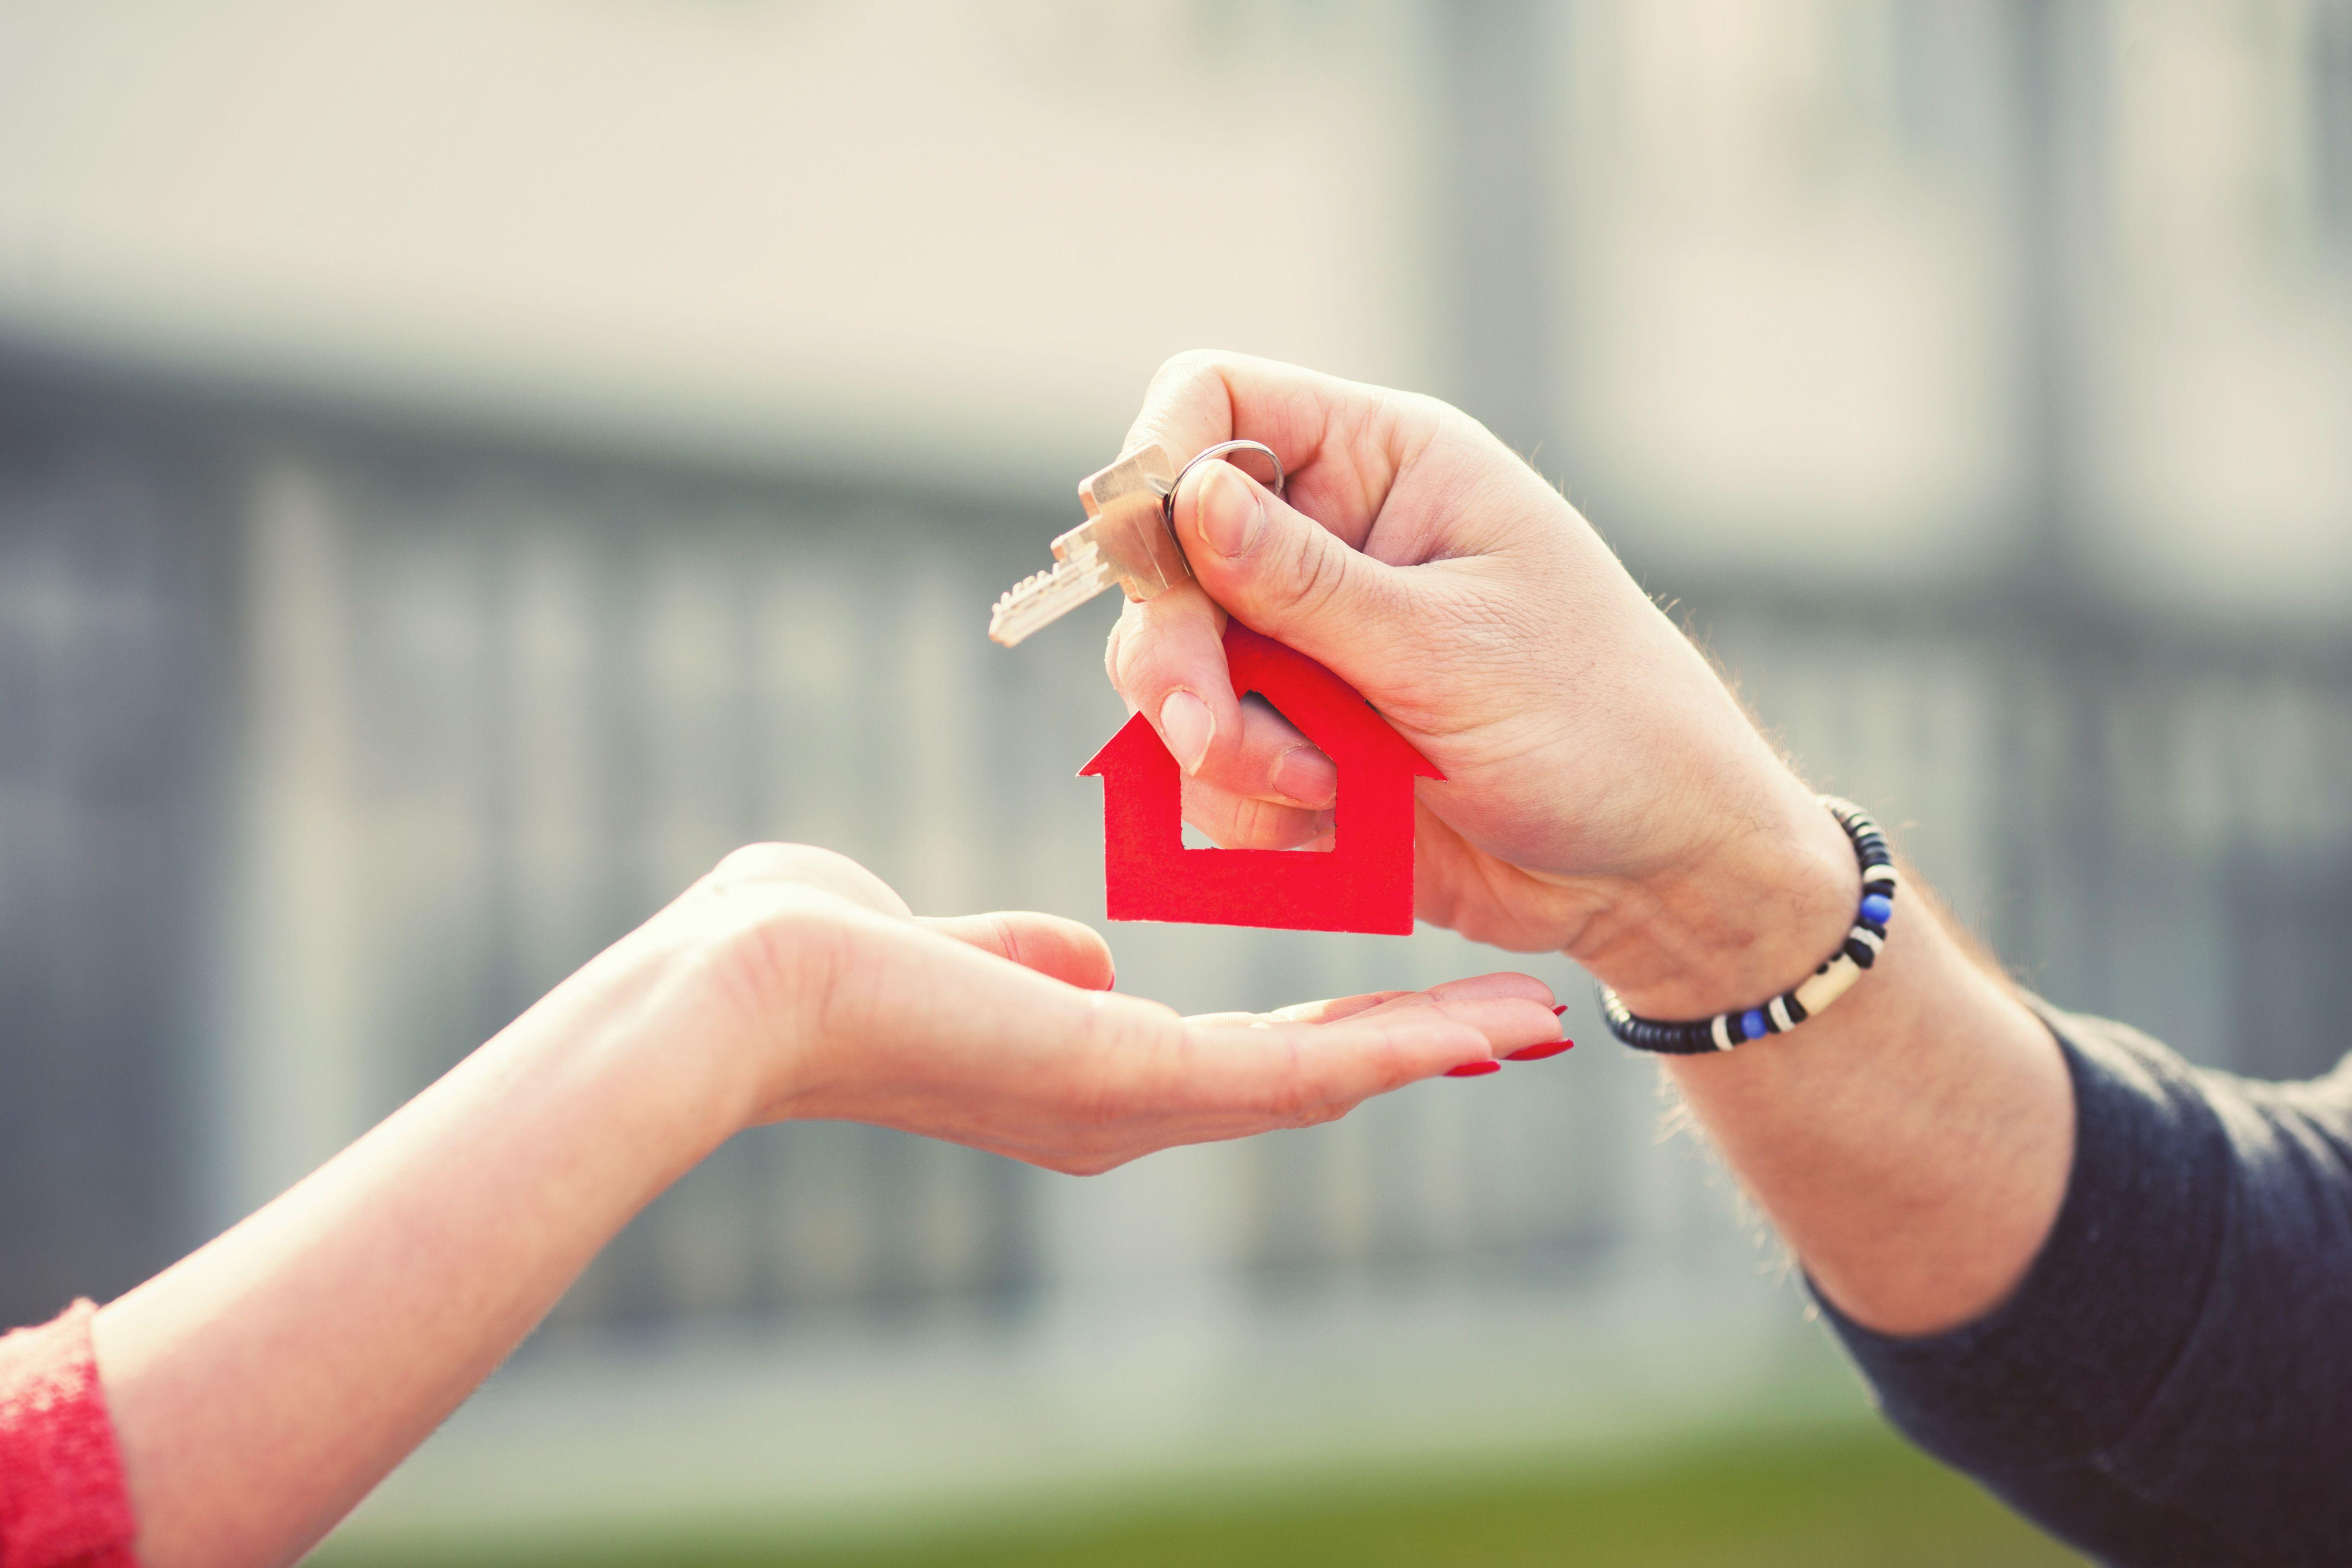 Soluciones inmobiliarias de calidad